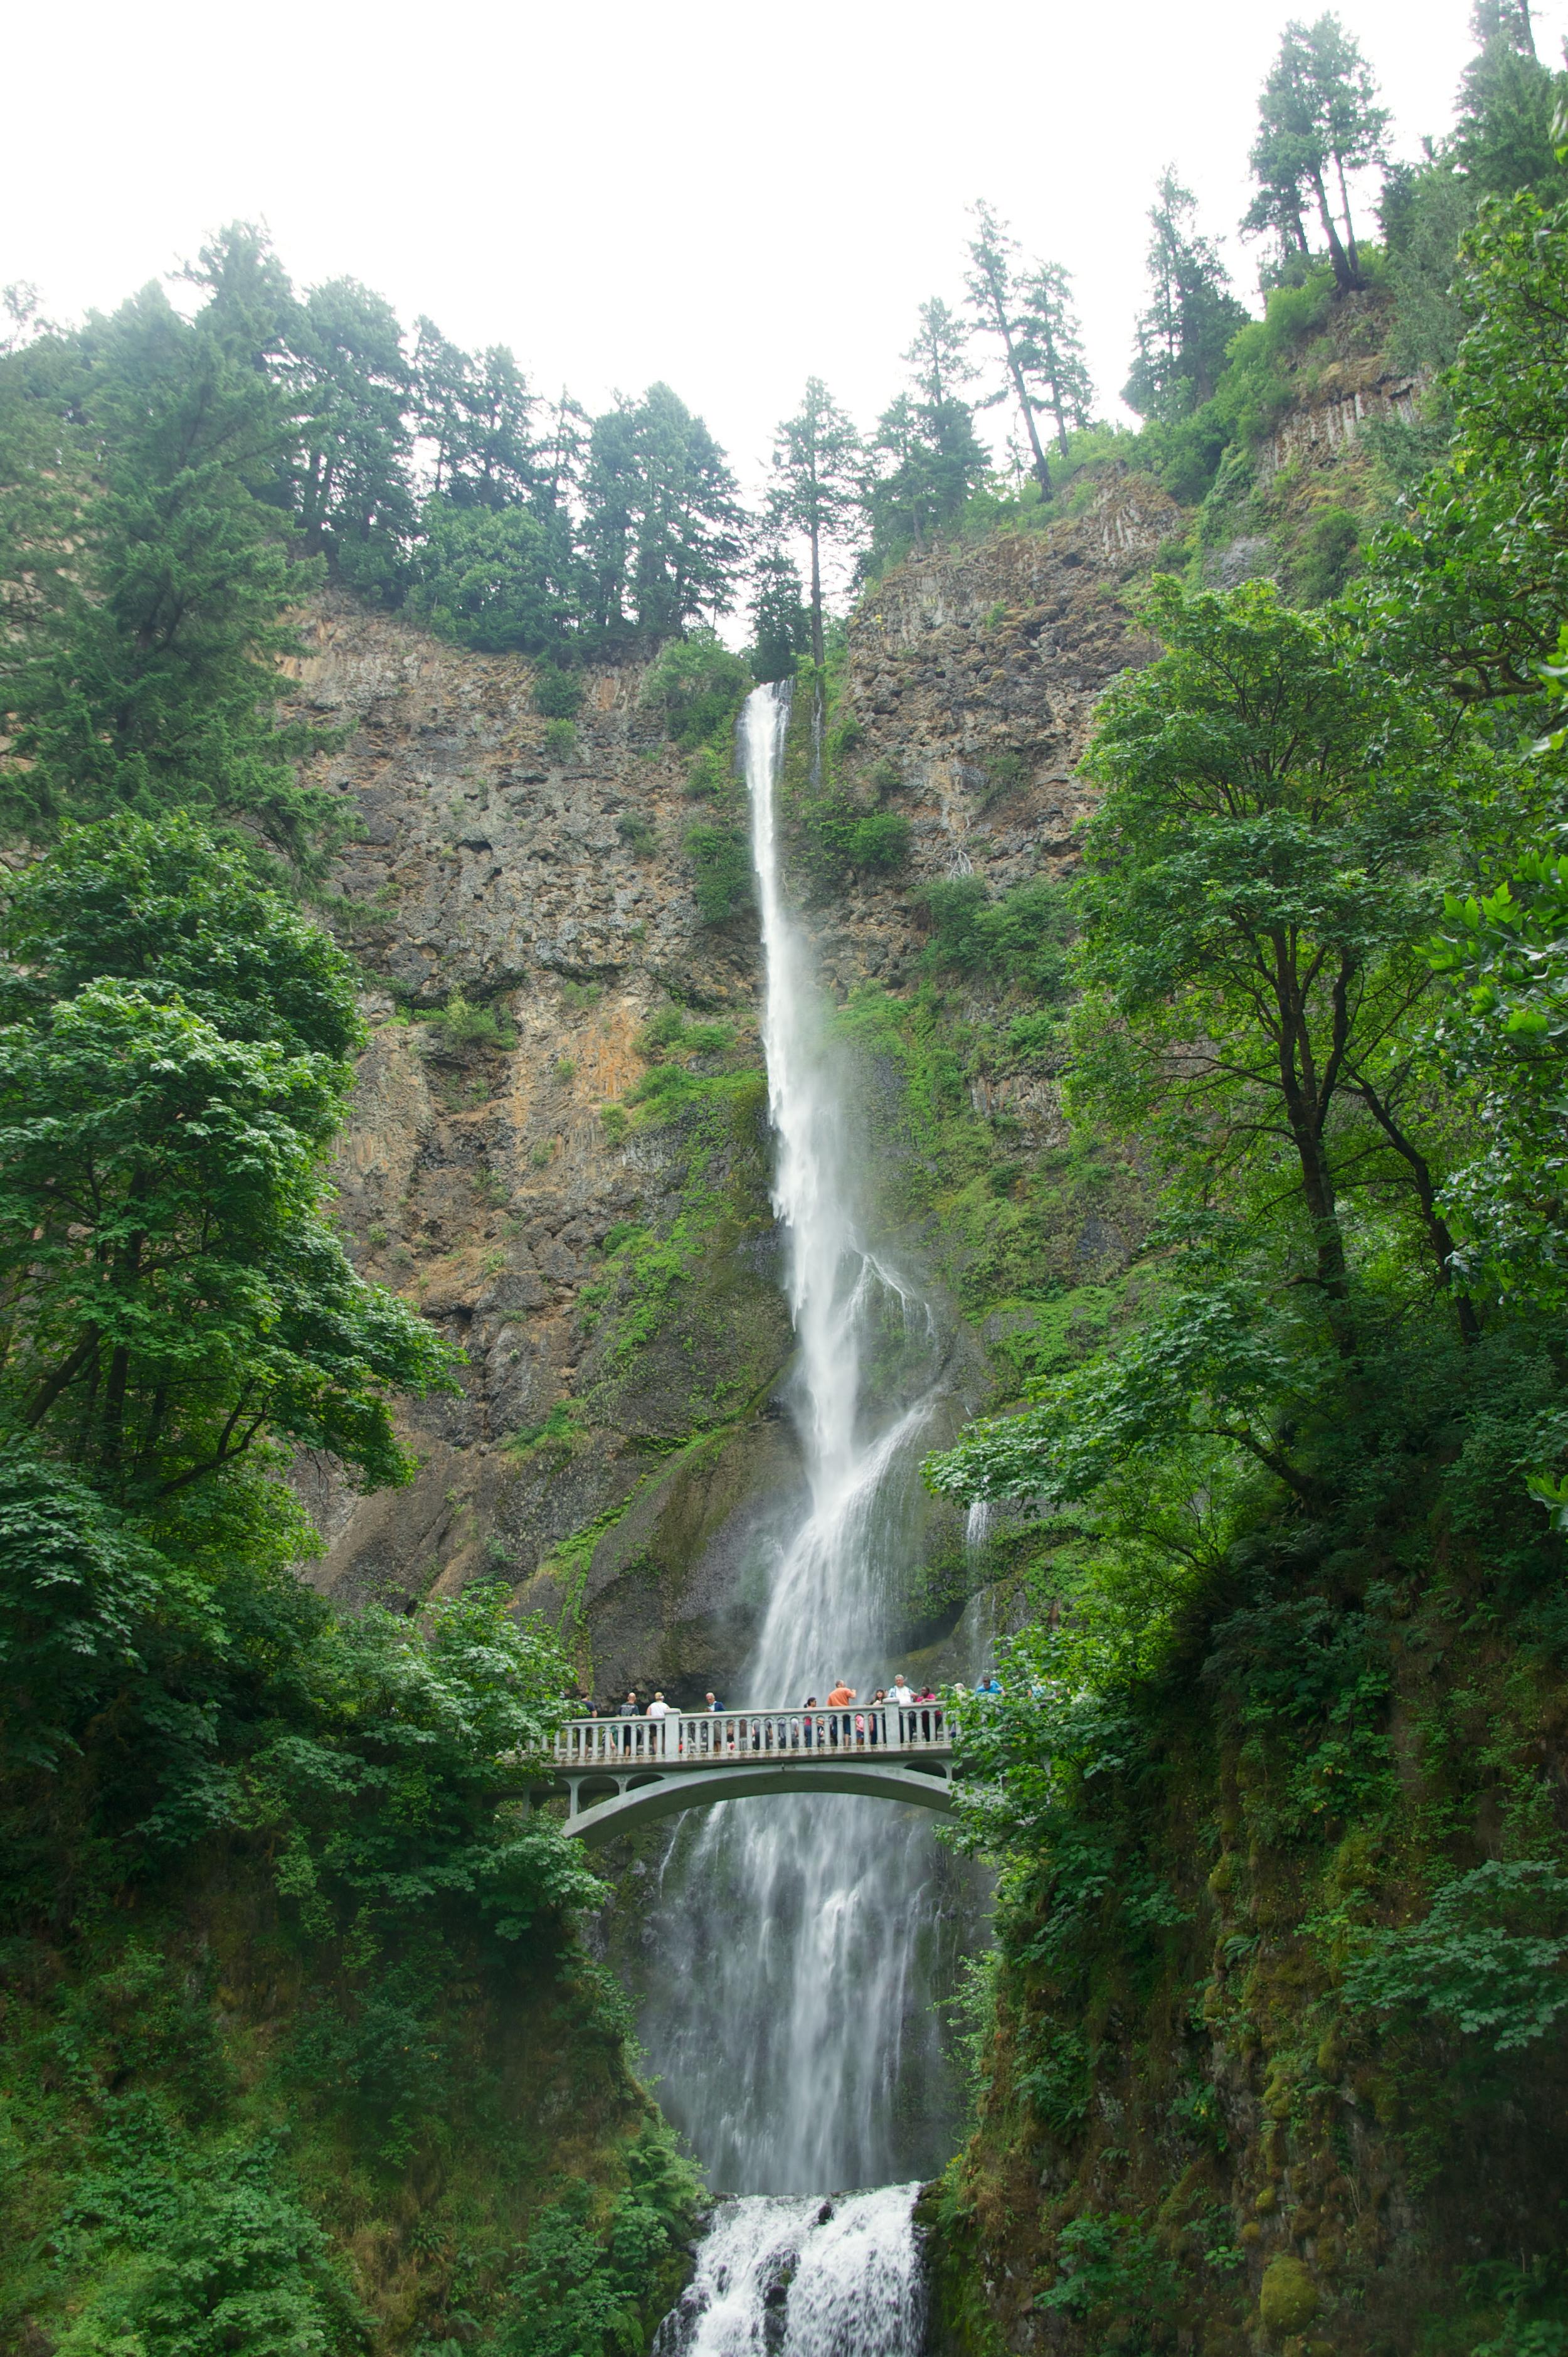 The actual Multnomah Falls